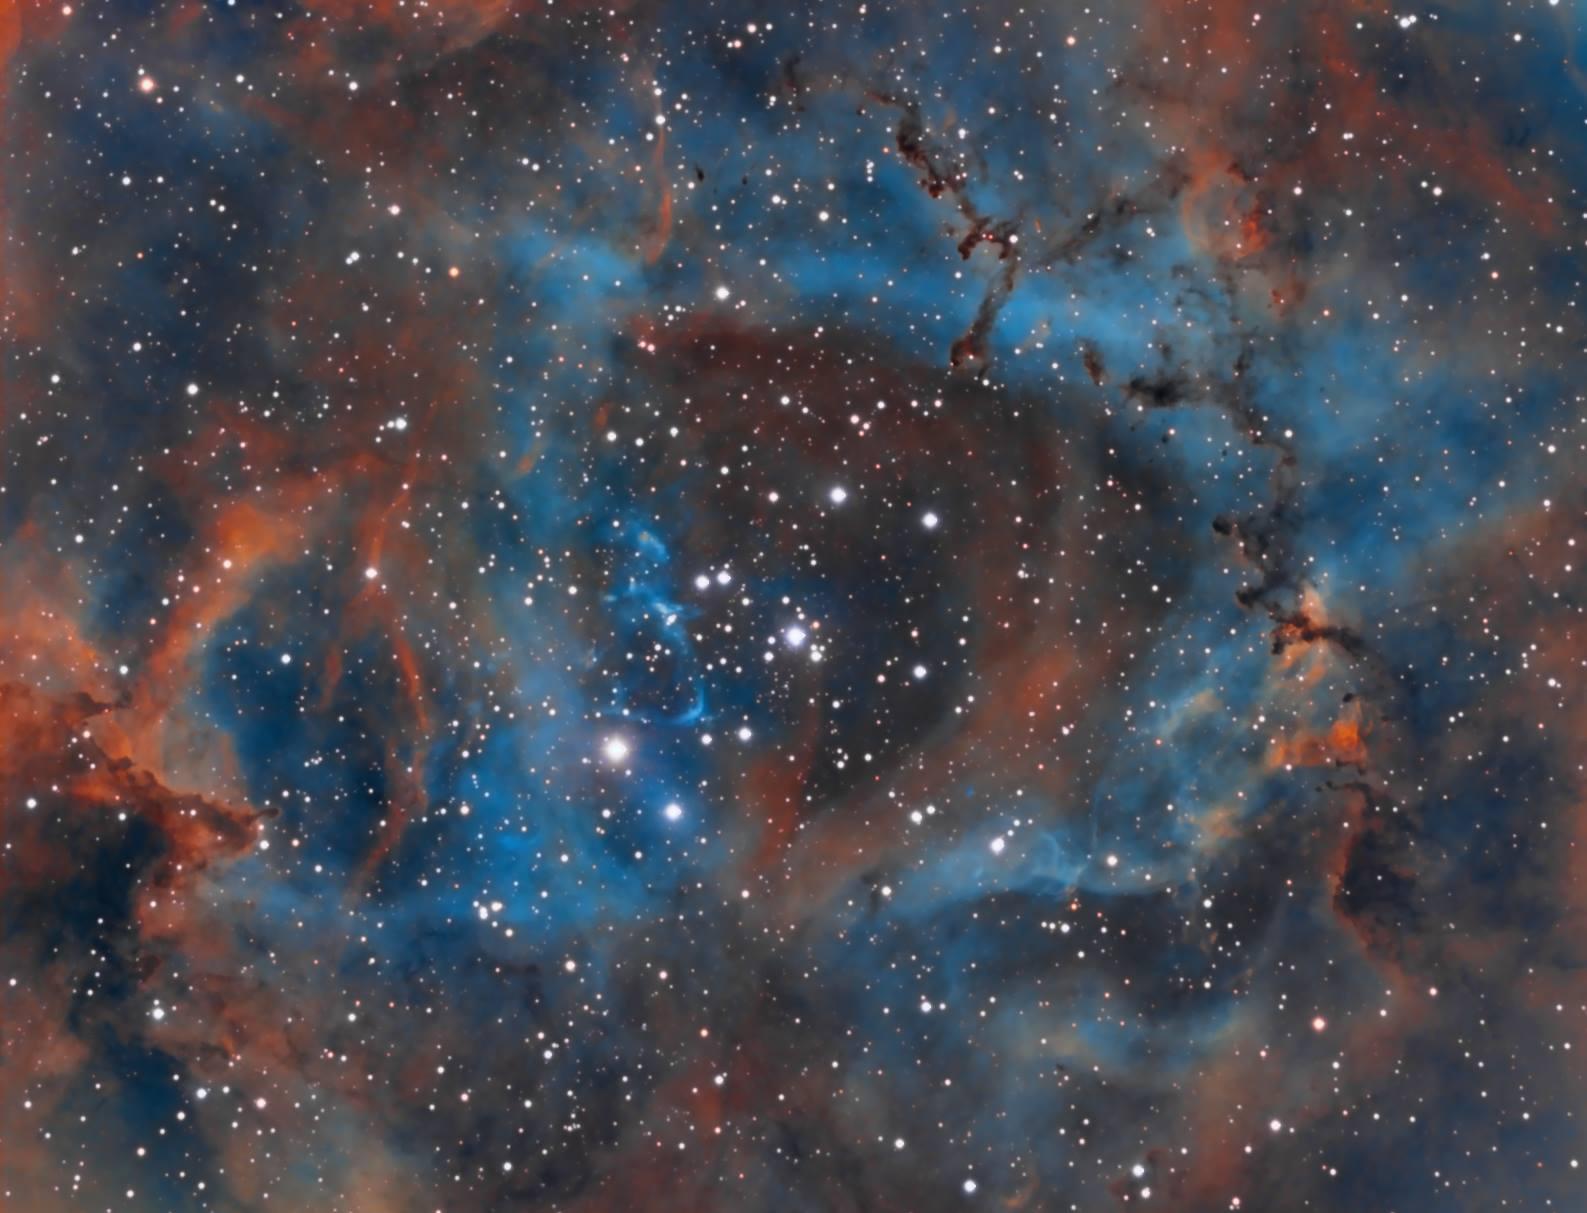 Rosette Nebula by Michele Marini